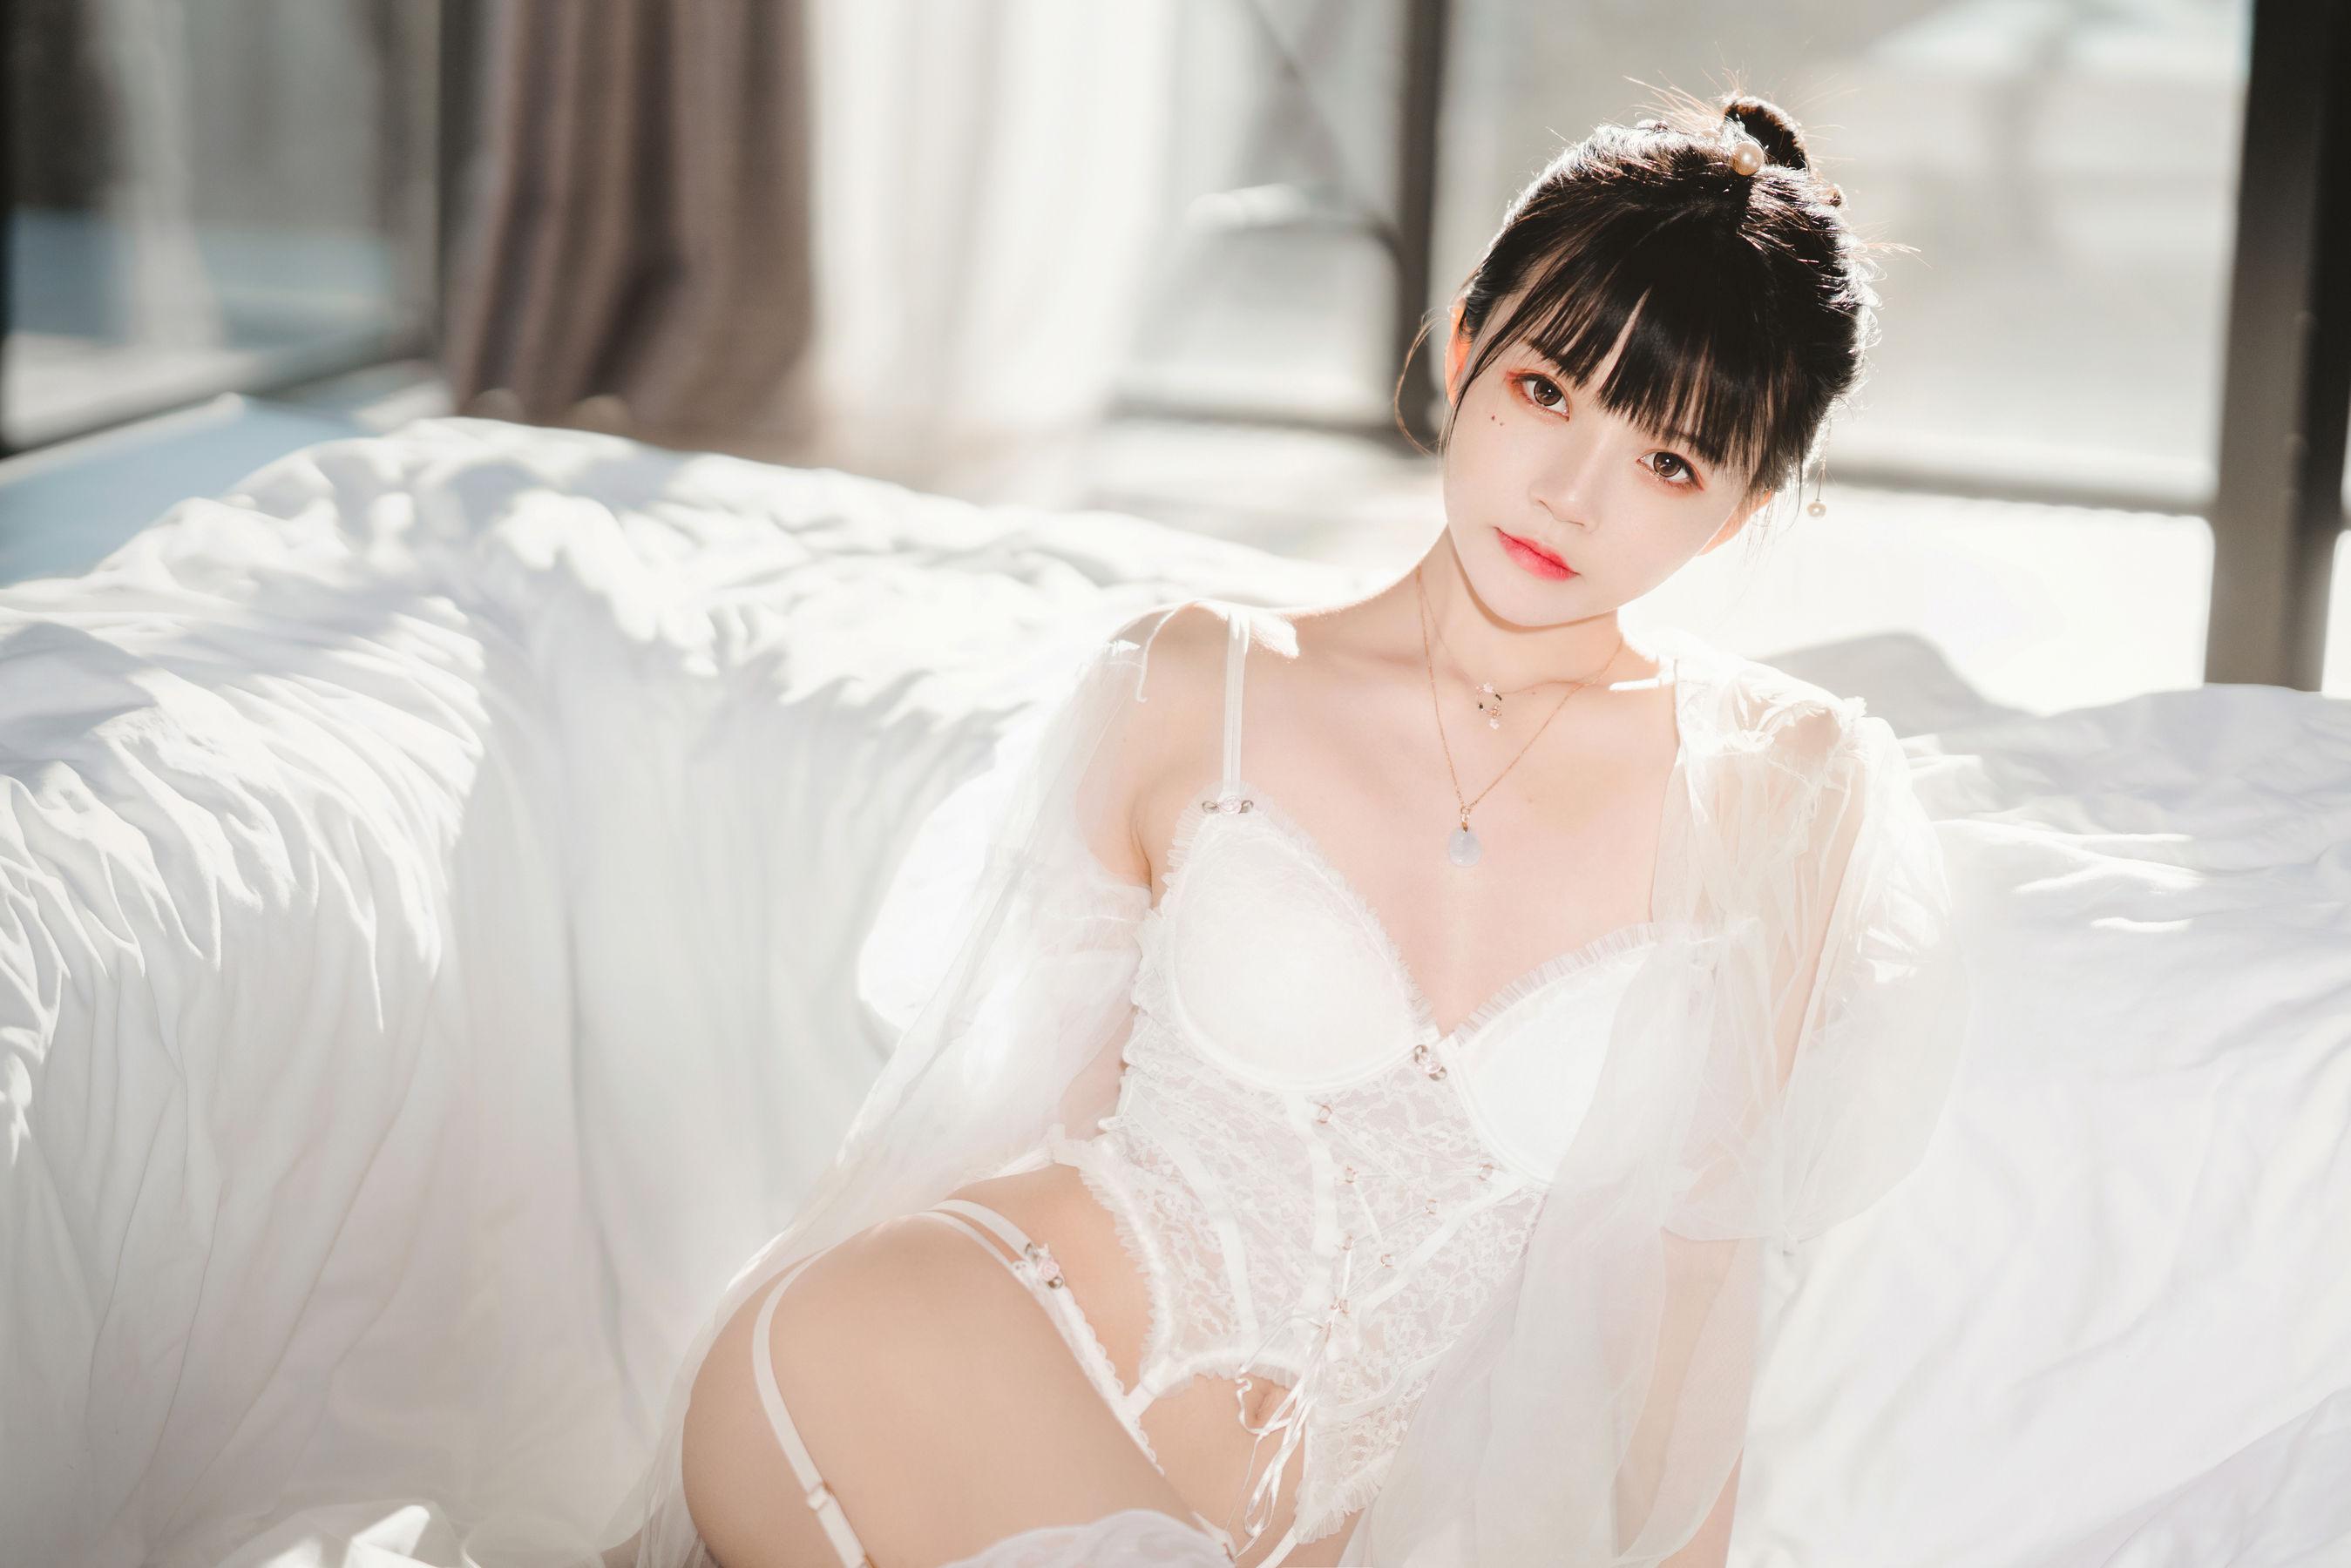 VOL.382 [网络美女]薄纱美女性感少女:桜桃喵超高清写真套图(34P)